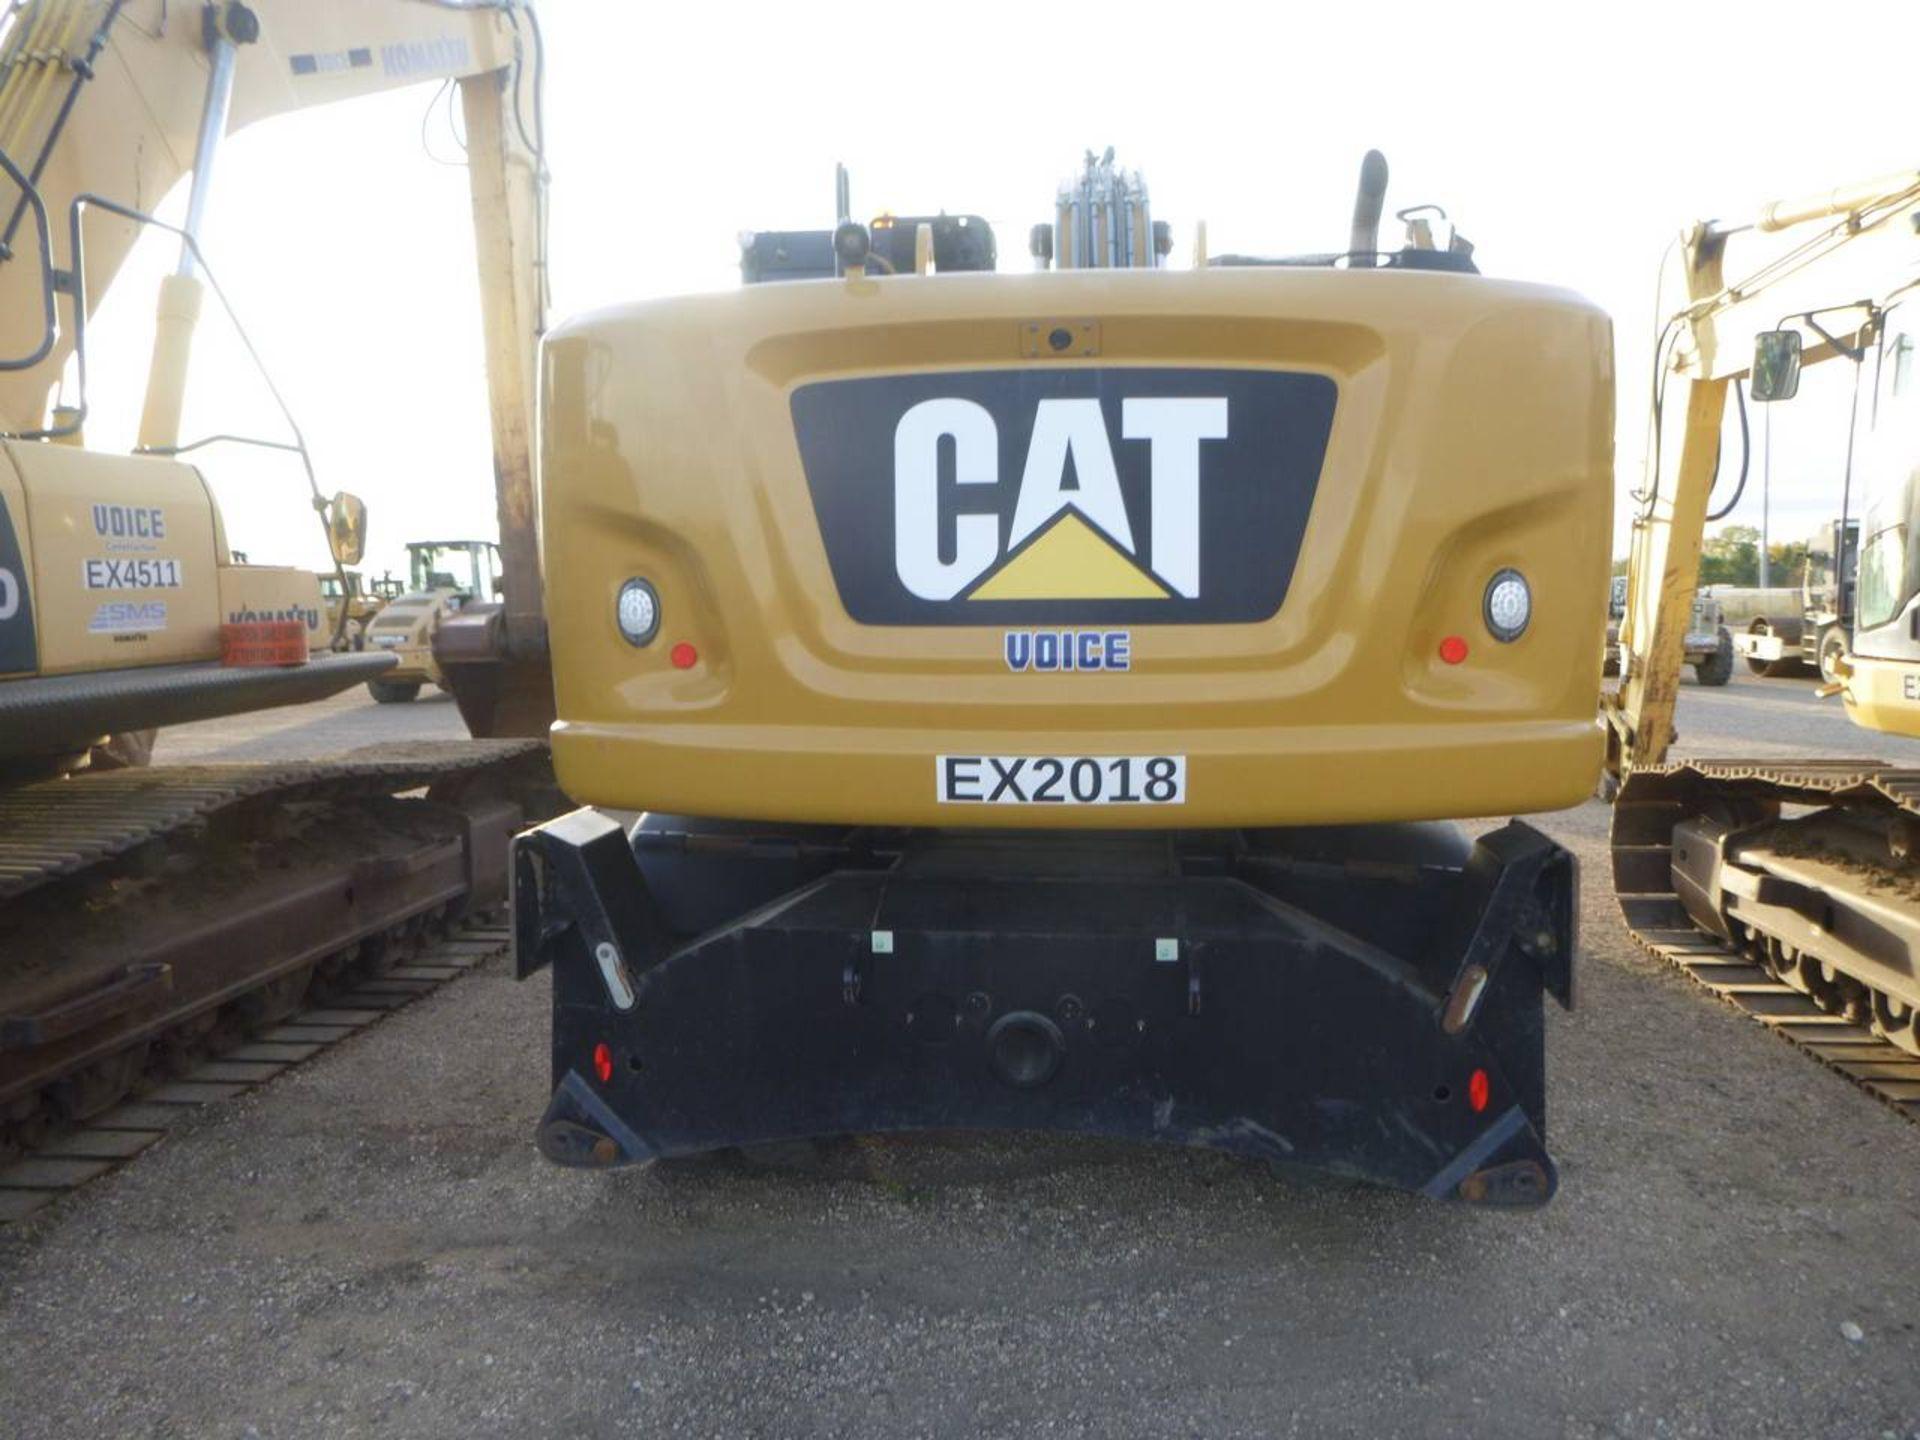 2015 Caterpillar M320F Wheel Excavator - Image 8 of 18